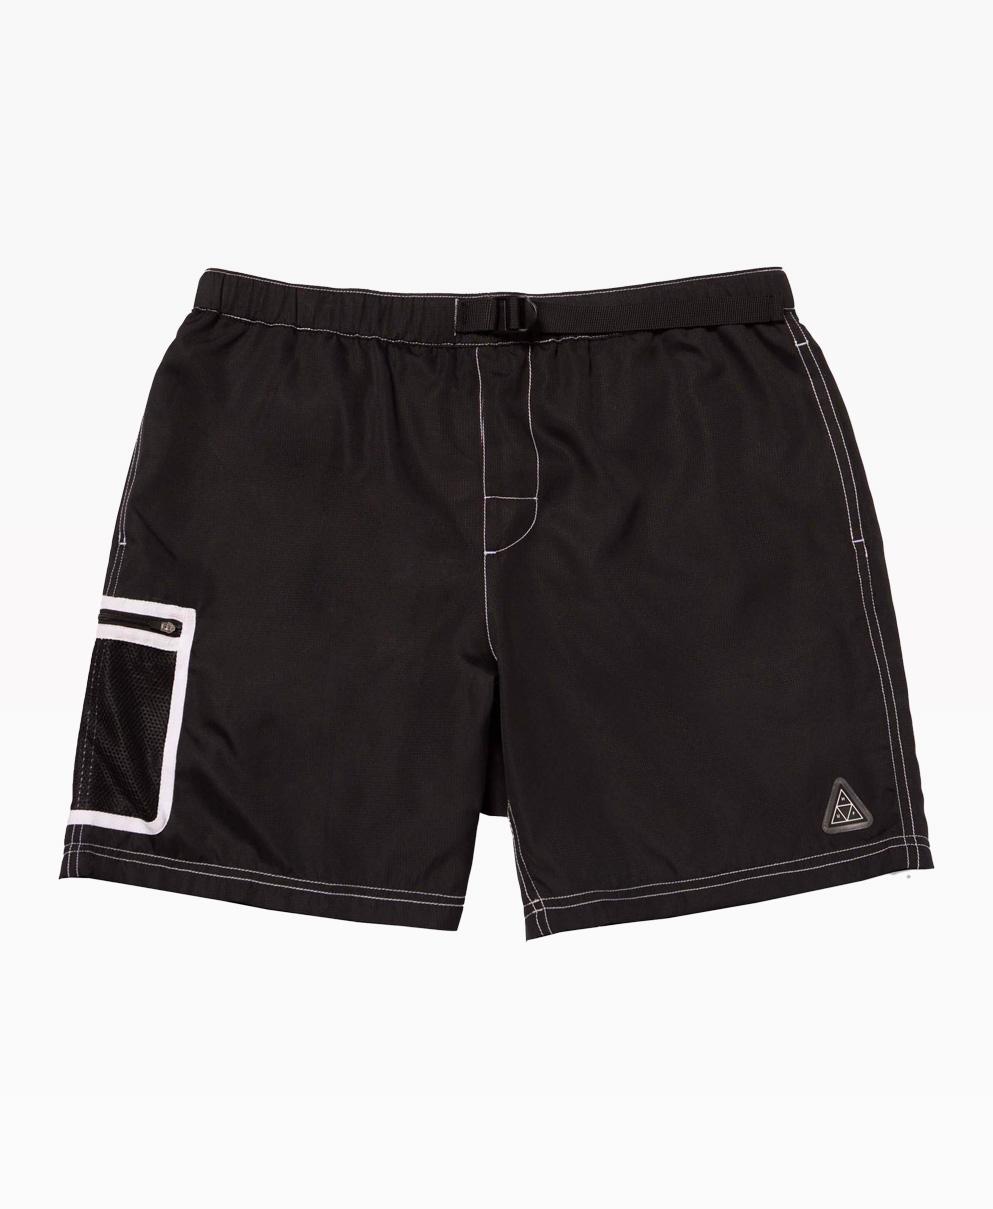 Huf Peak Contrast Short Black Front